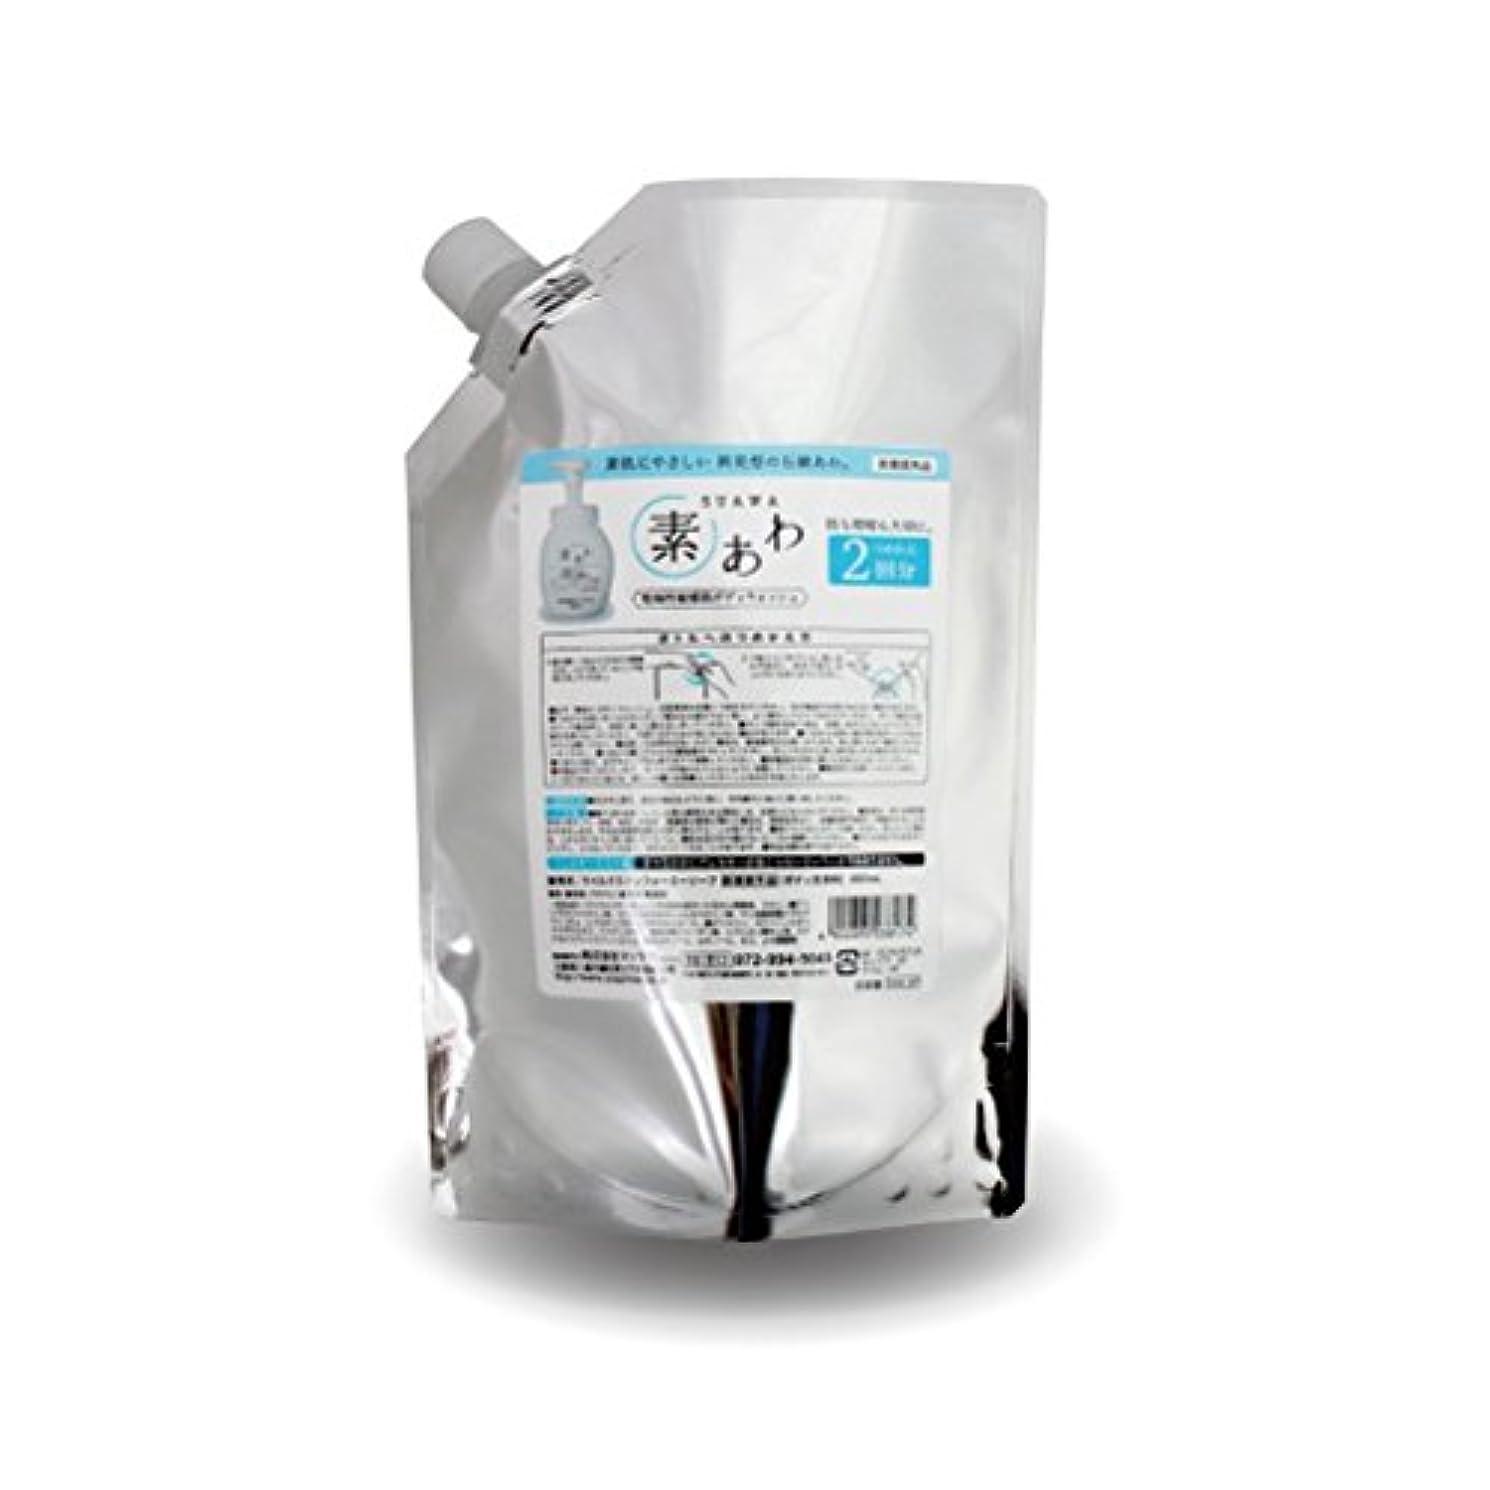 水没練る追放する薬用 素あわ 泡タイプ ボディソープ 詰替2回分パウチ 800mL 乾 燥 肌 ? 敏 感 肌 に